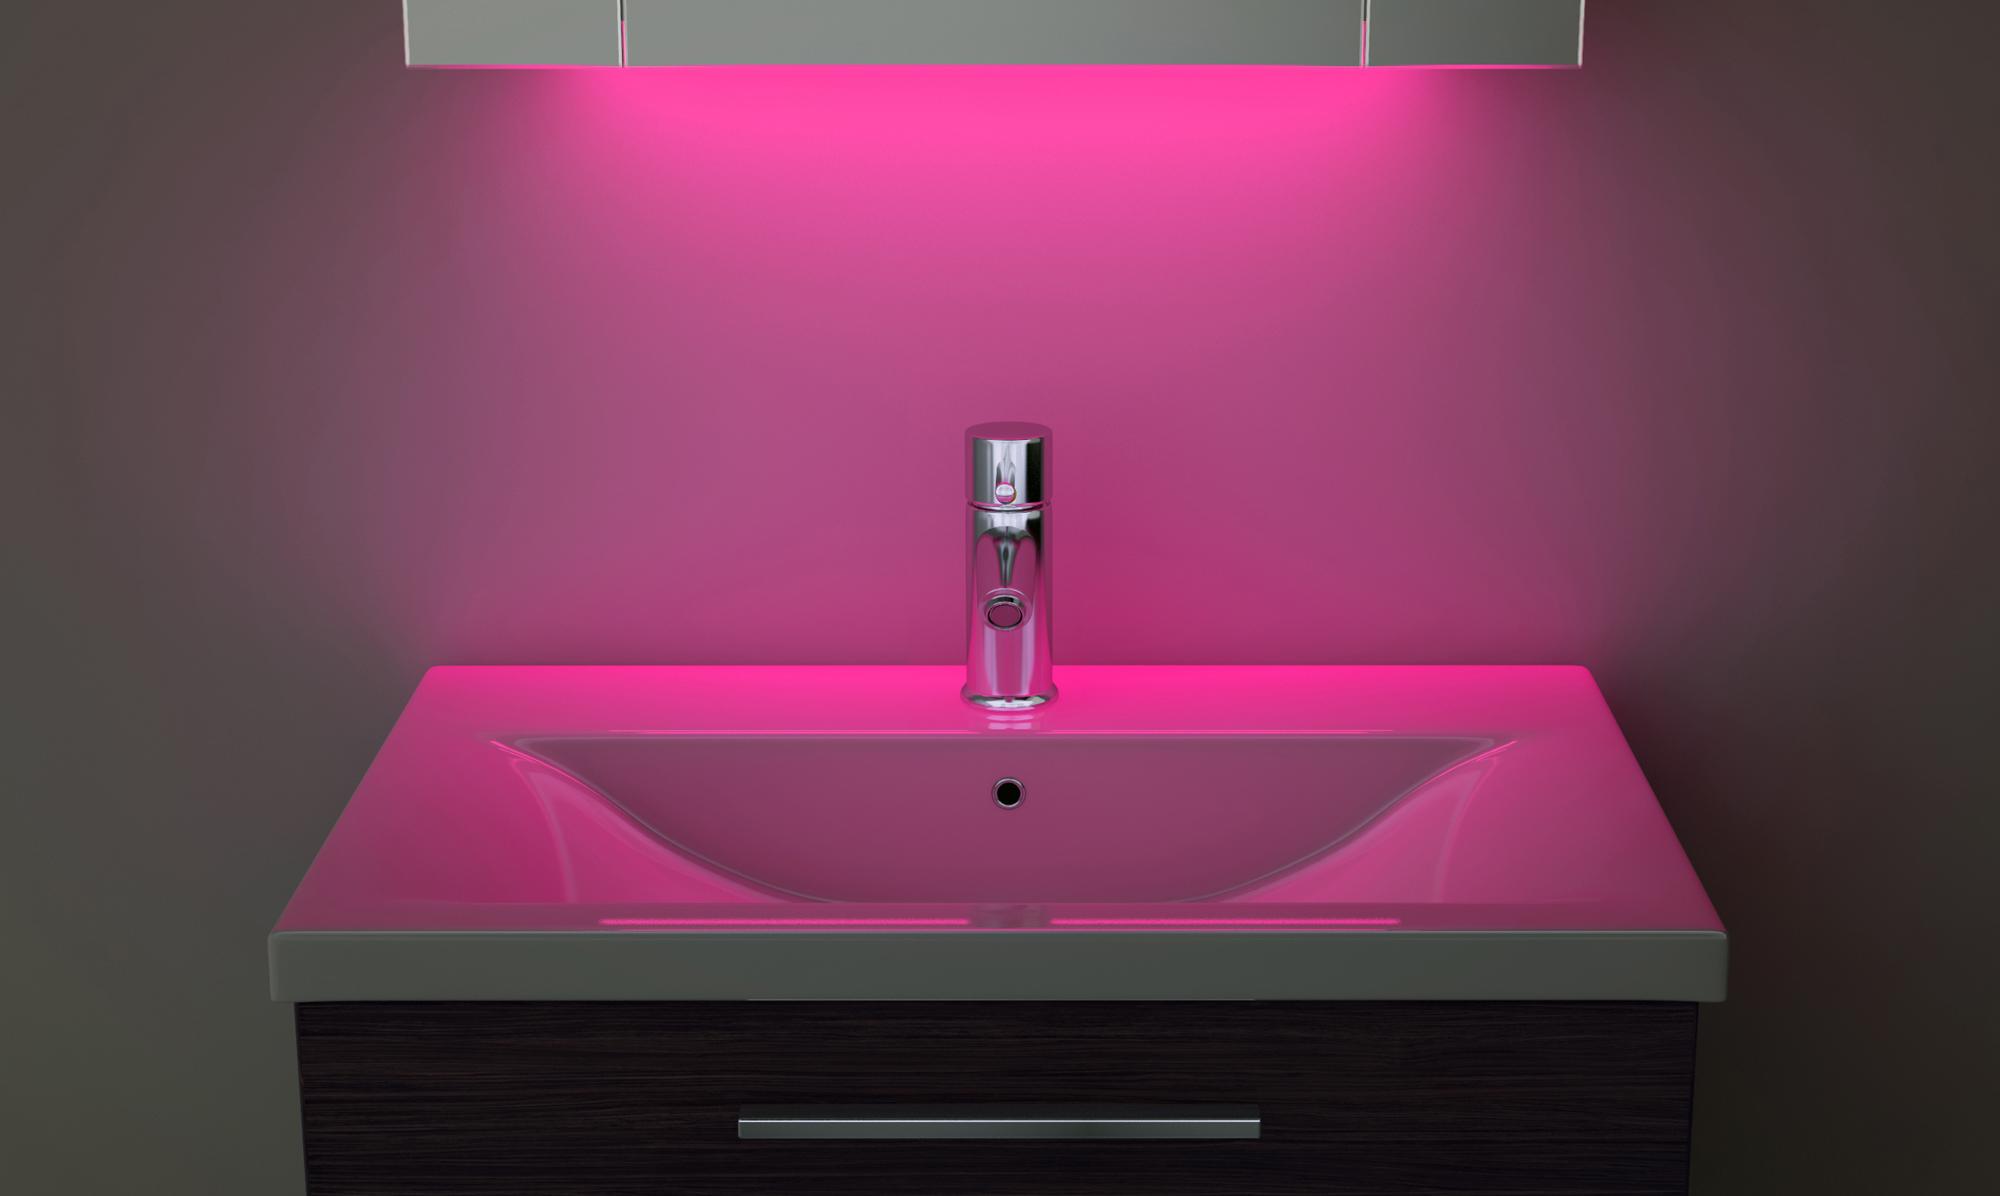 Wall Light With Shaver Socket: Clock Cabinet With LED Under Lighting, Demister, Sensor